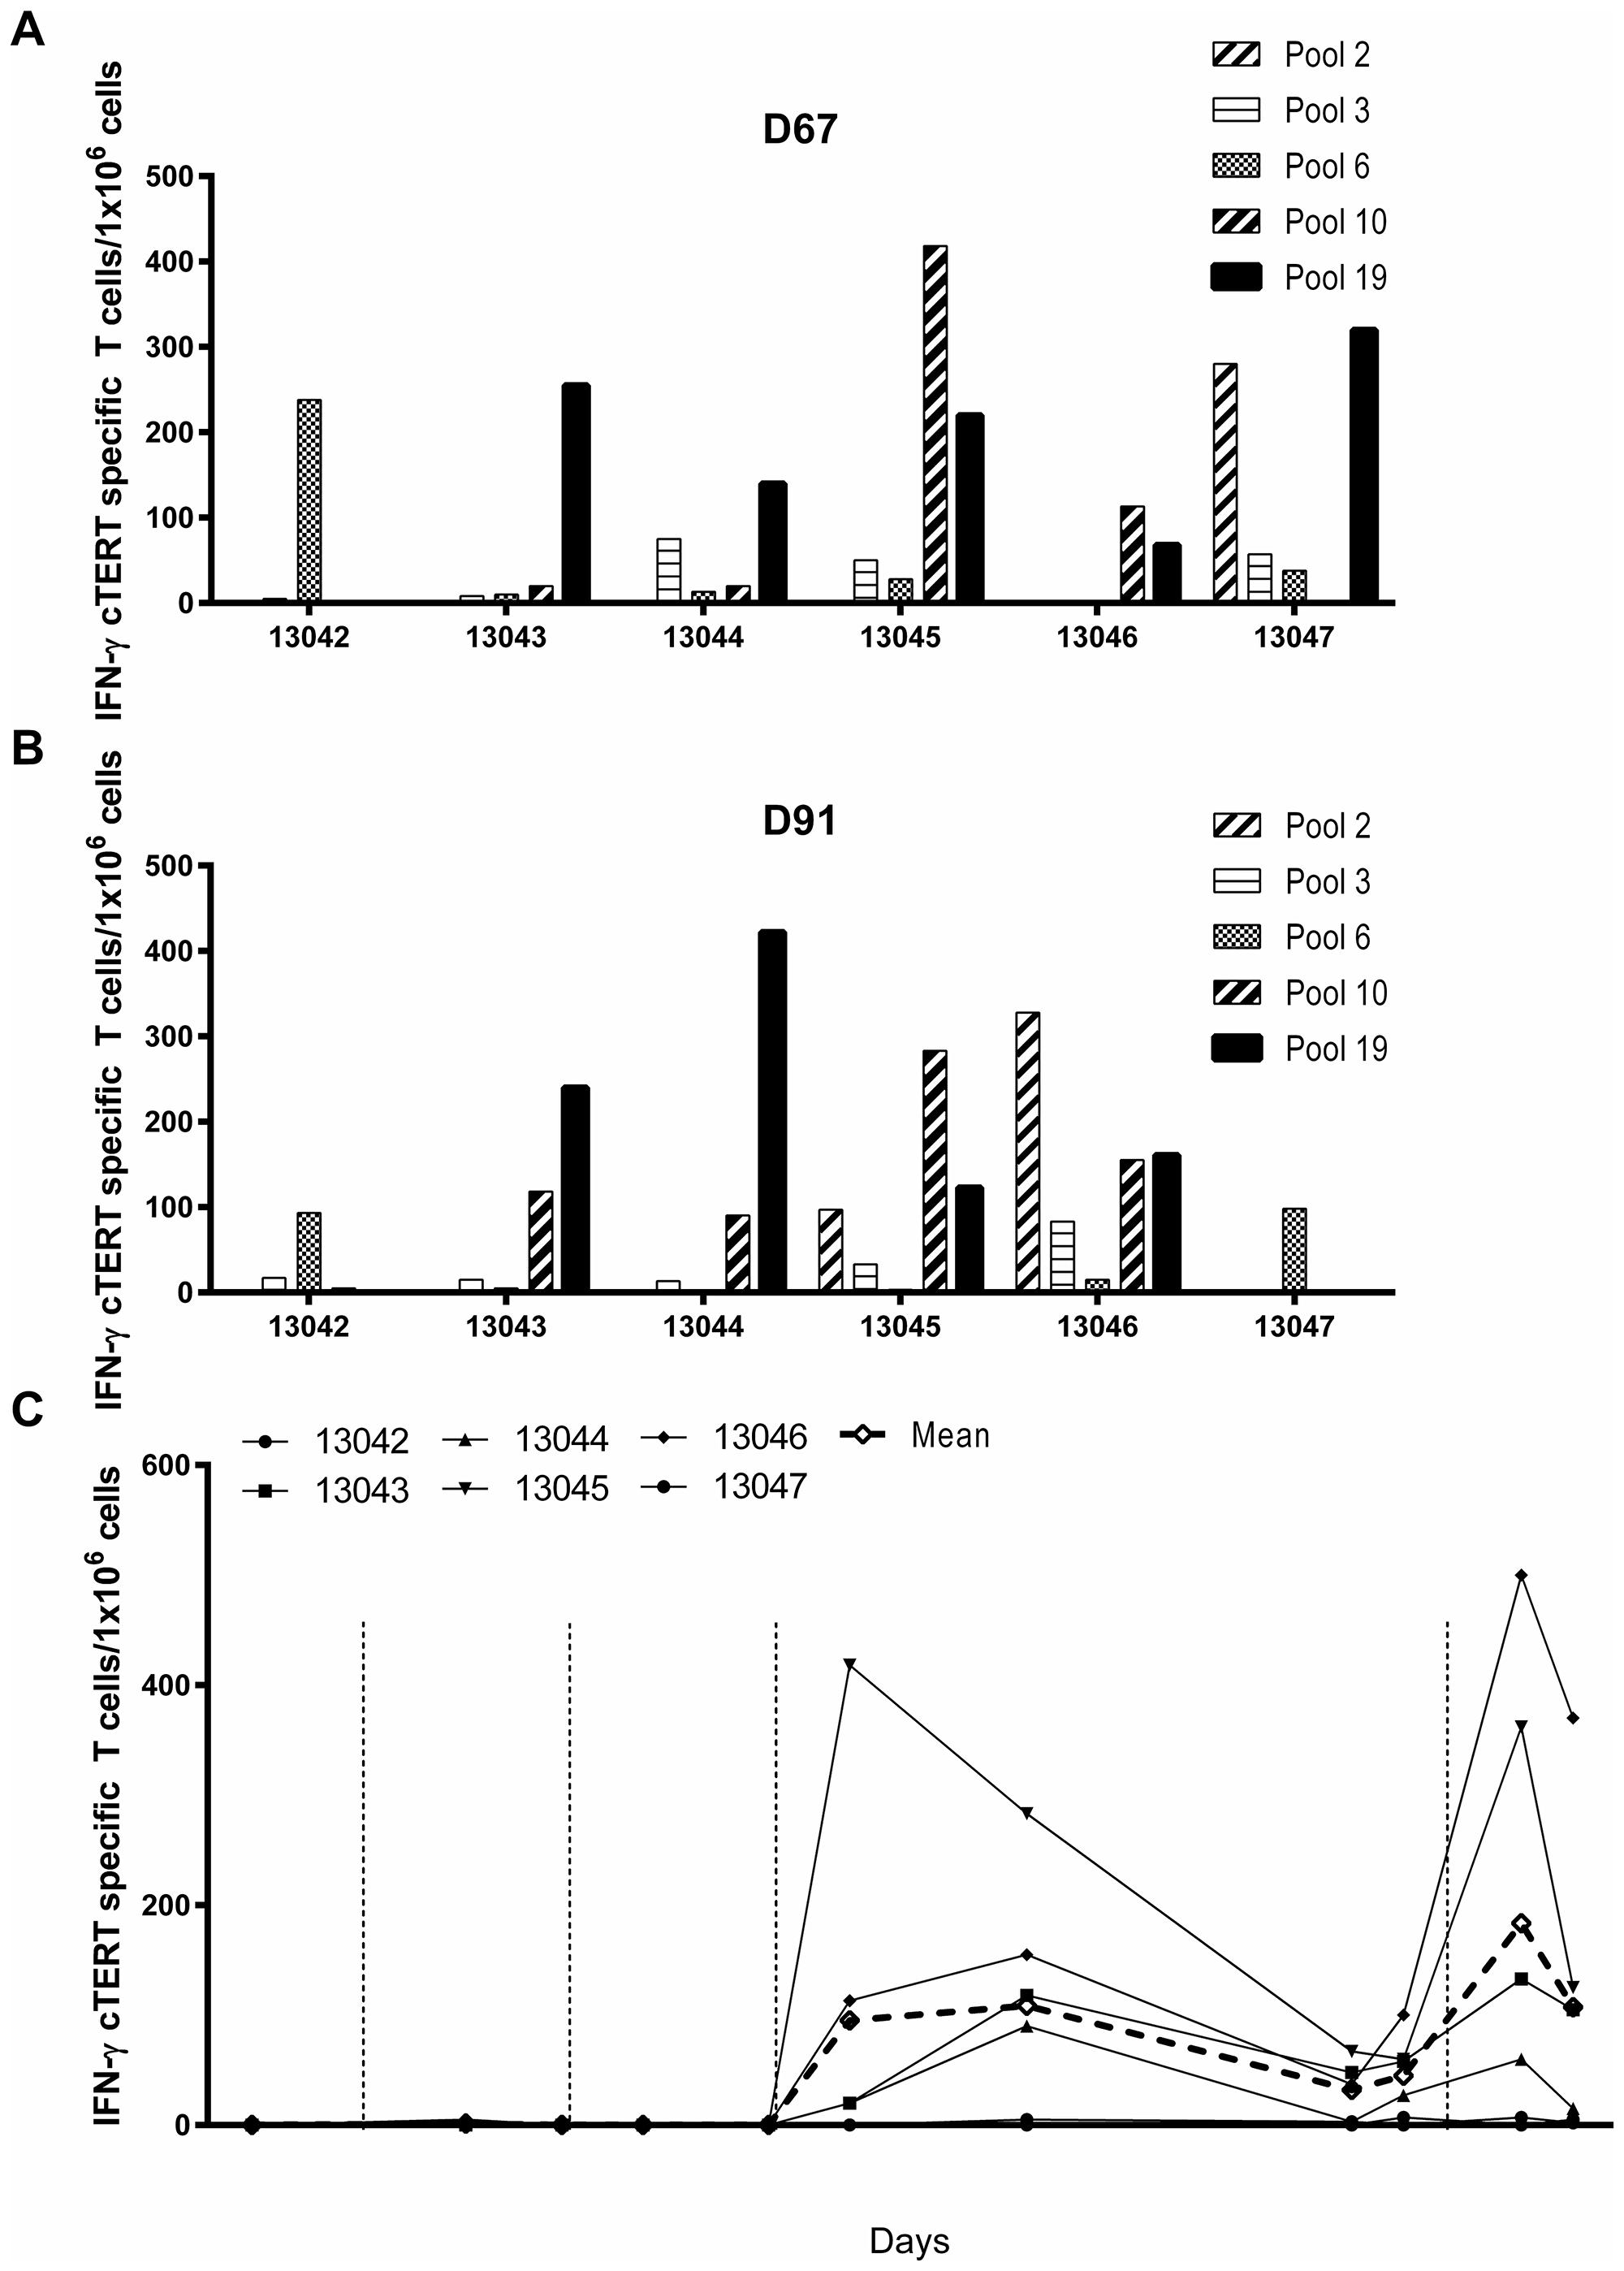 Immunogenicity of pNTC-DUV5 in beagle dogs.